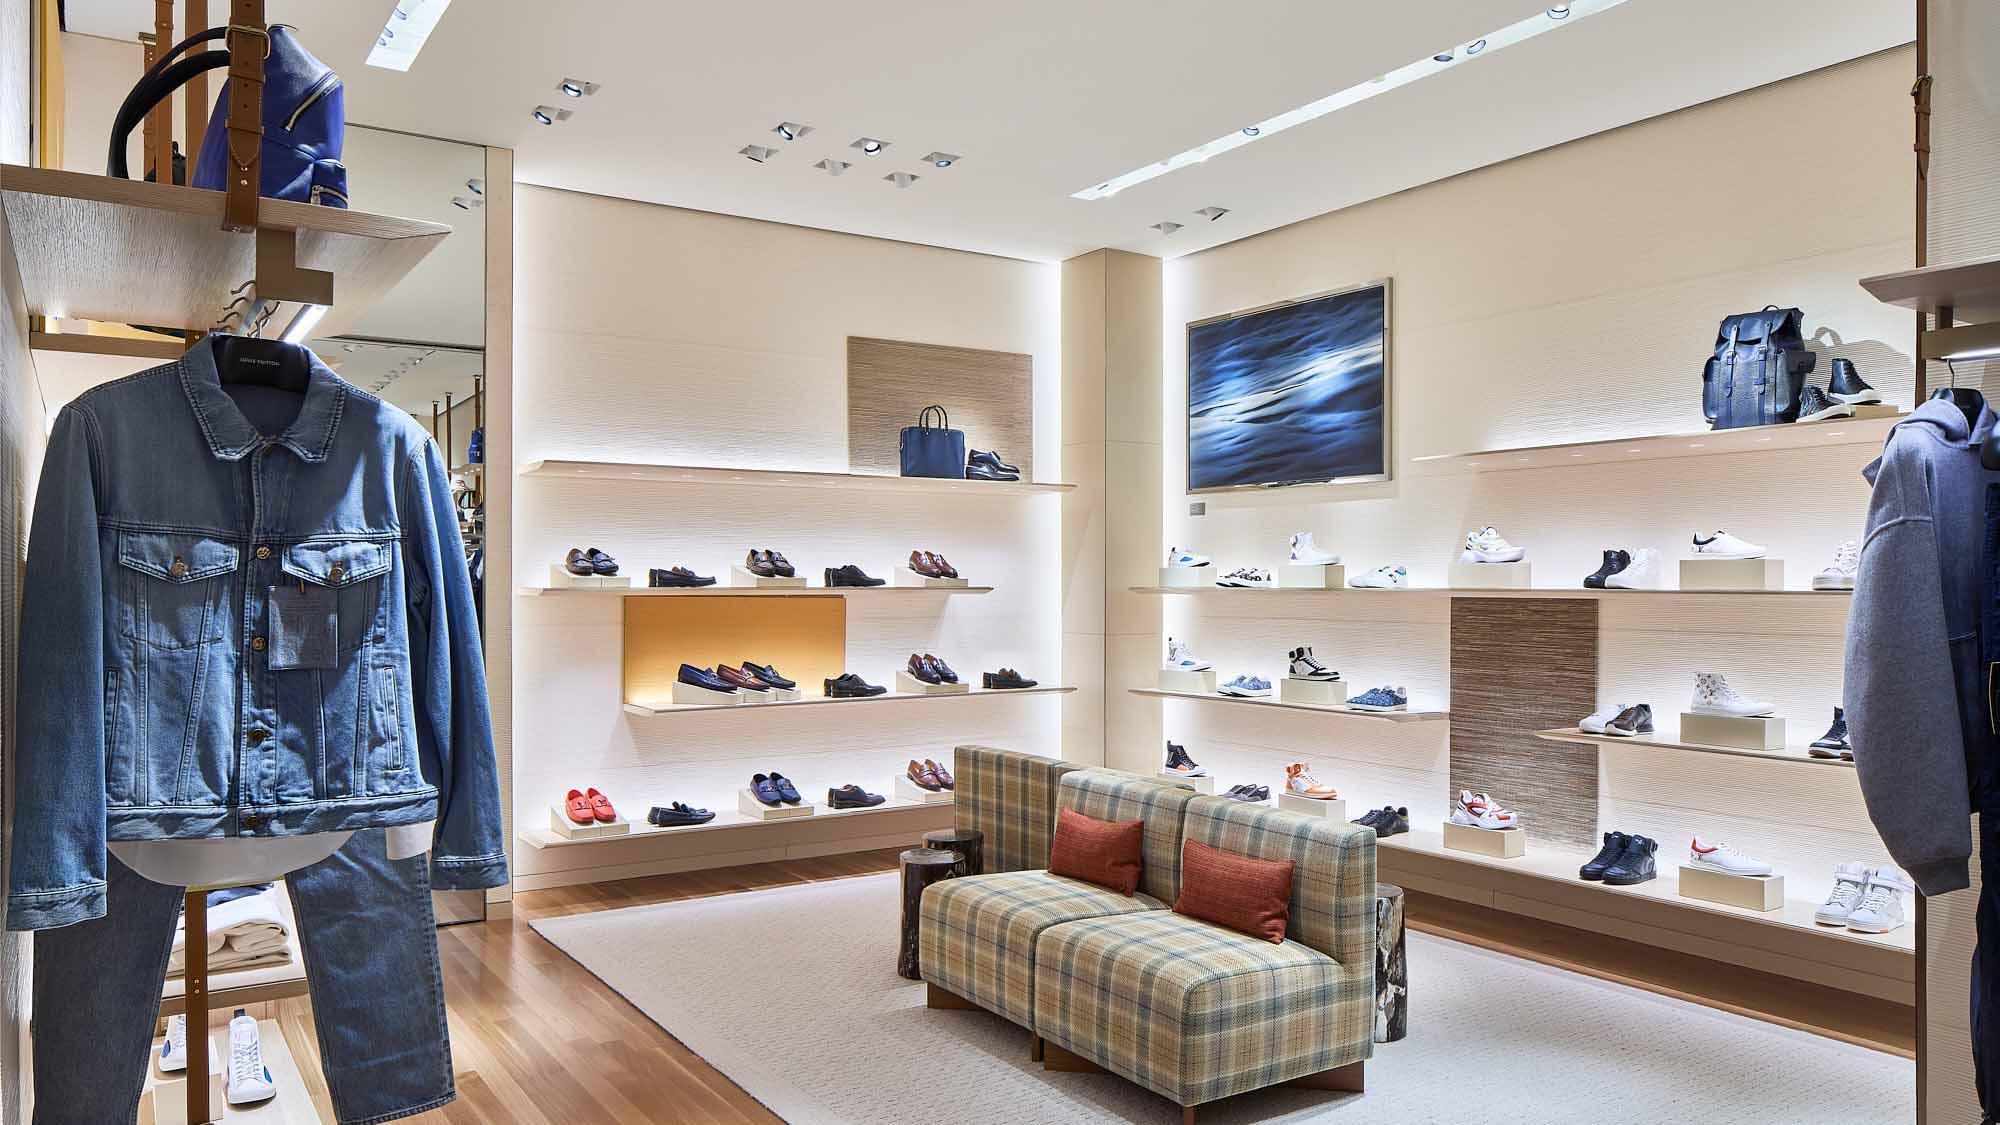 Louis Vuitton Holt Renfrew Vancouver in Vancouver